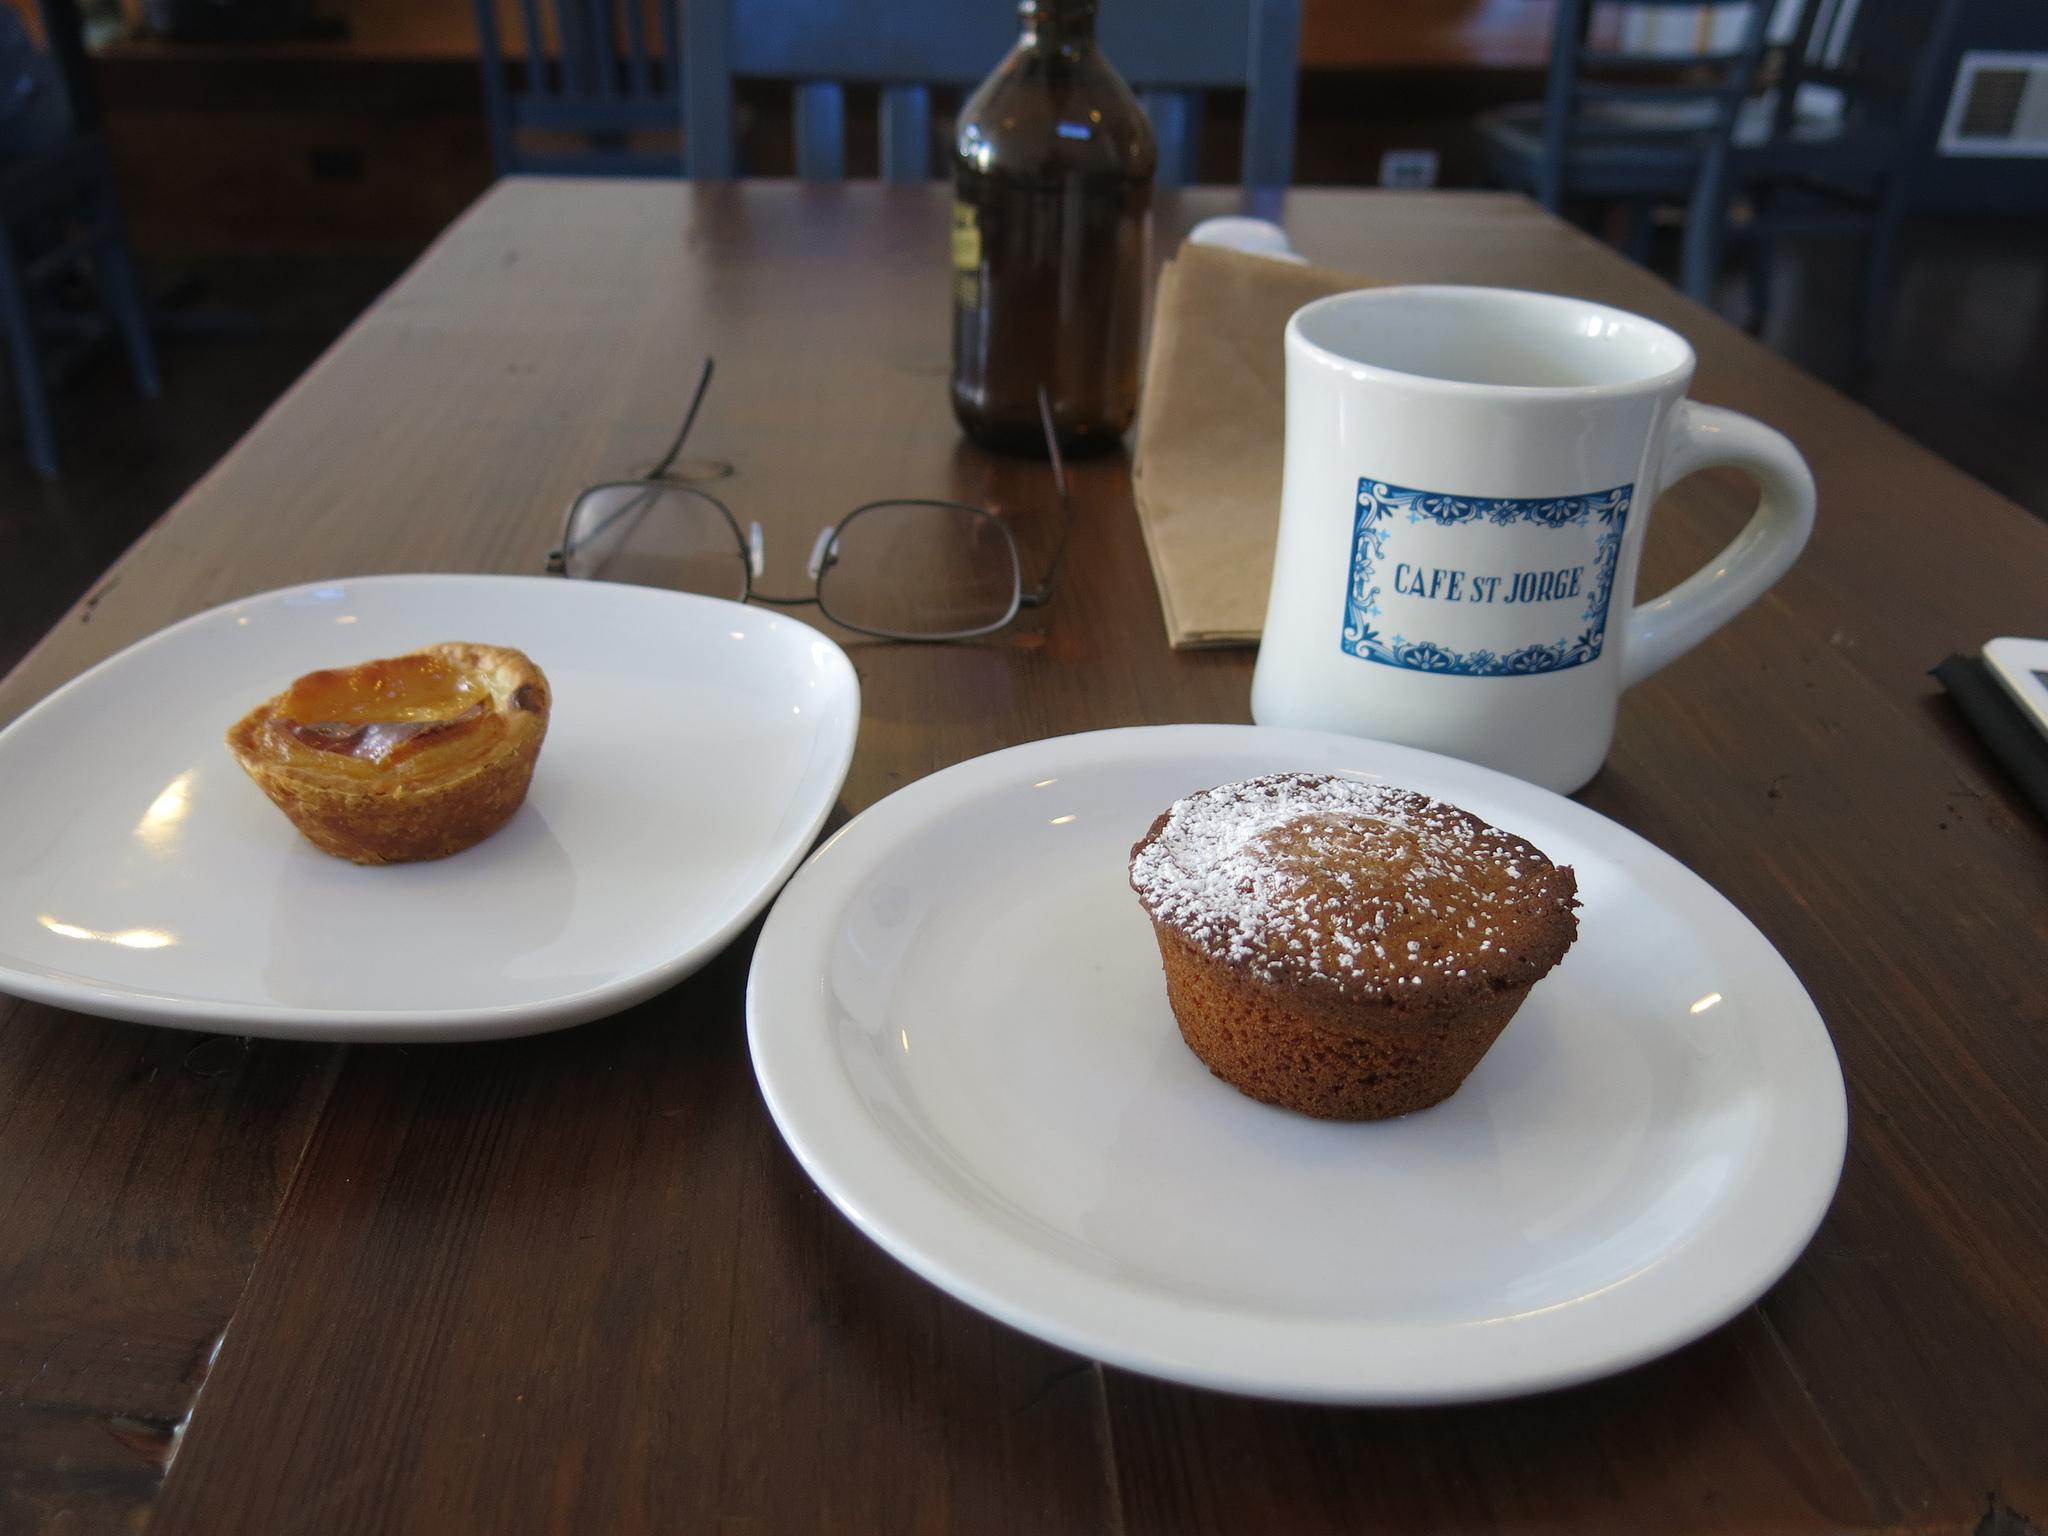 St Jorge Cafe San Francisco